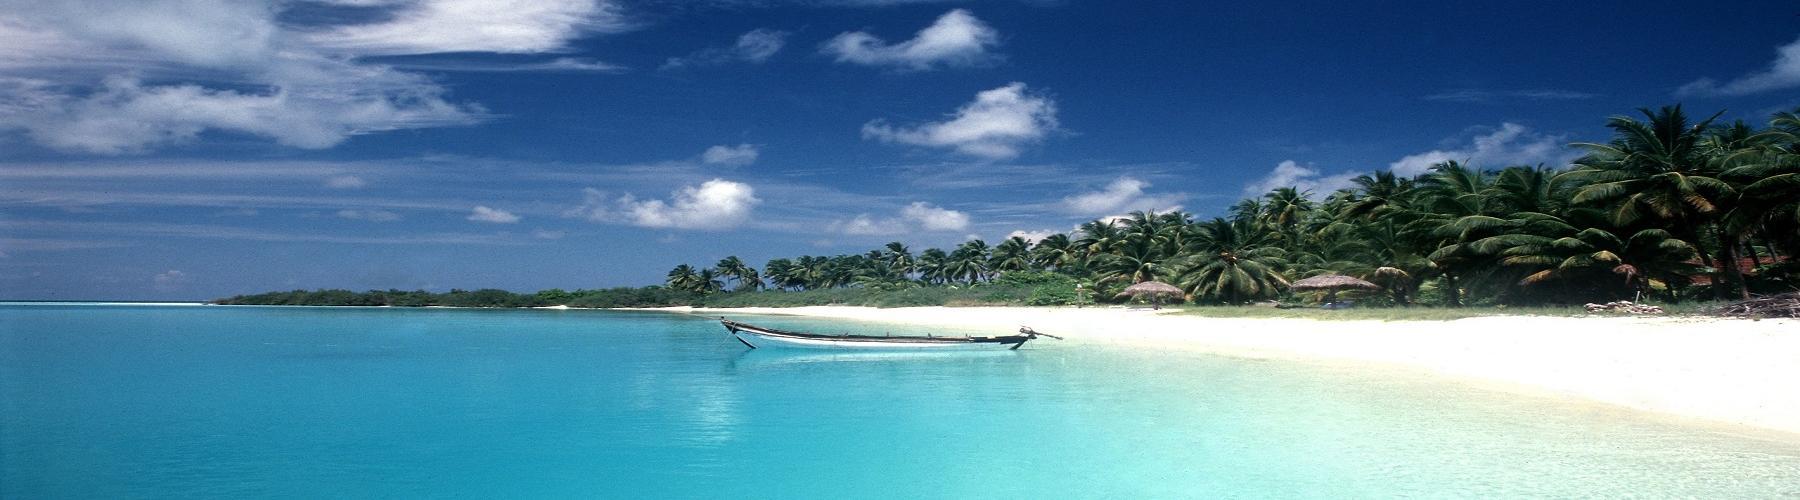 Самостоятельный отдых в Доминикане